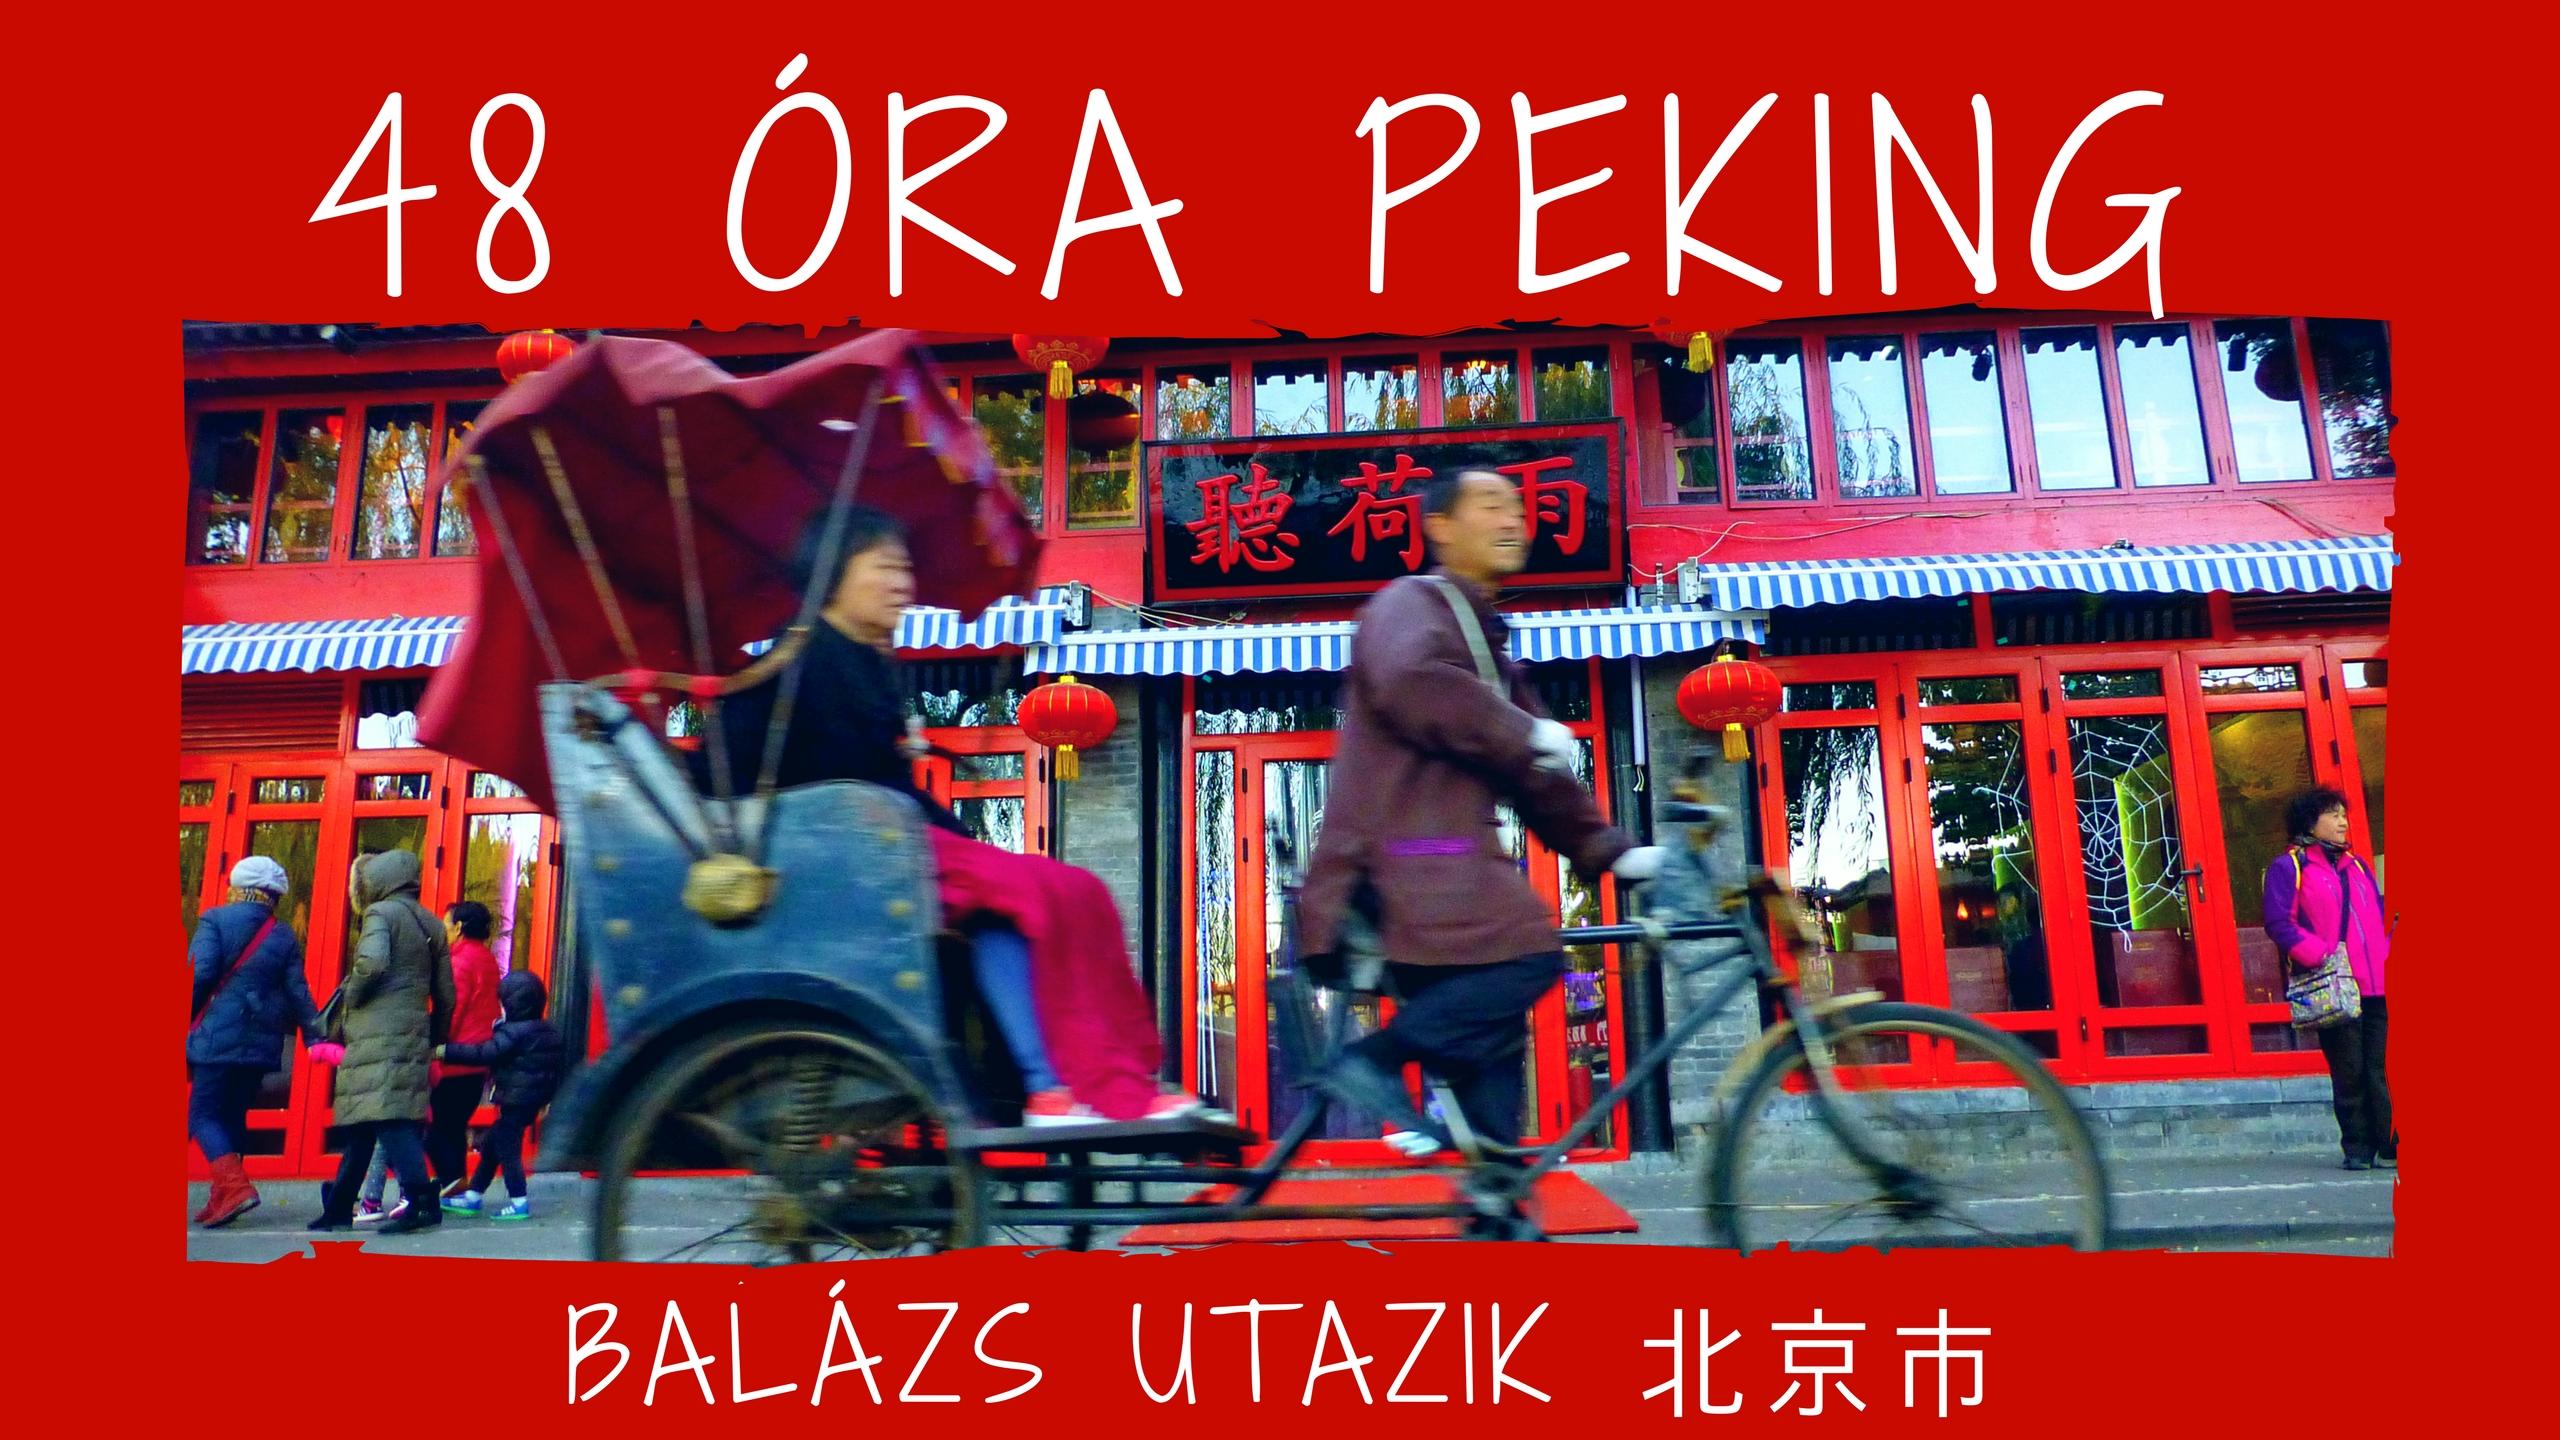 peking_24_ora_4.jpg